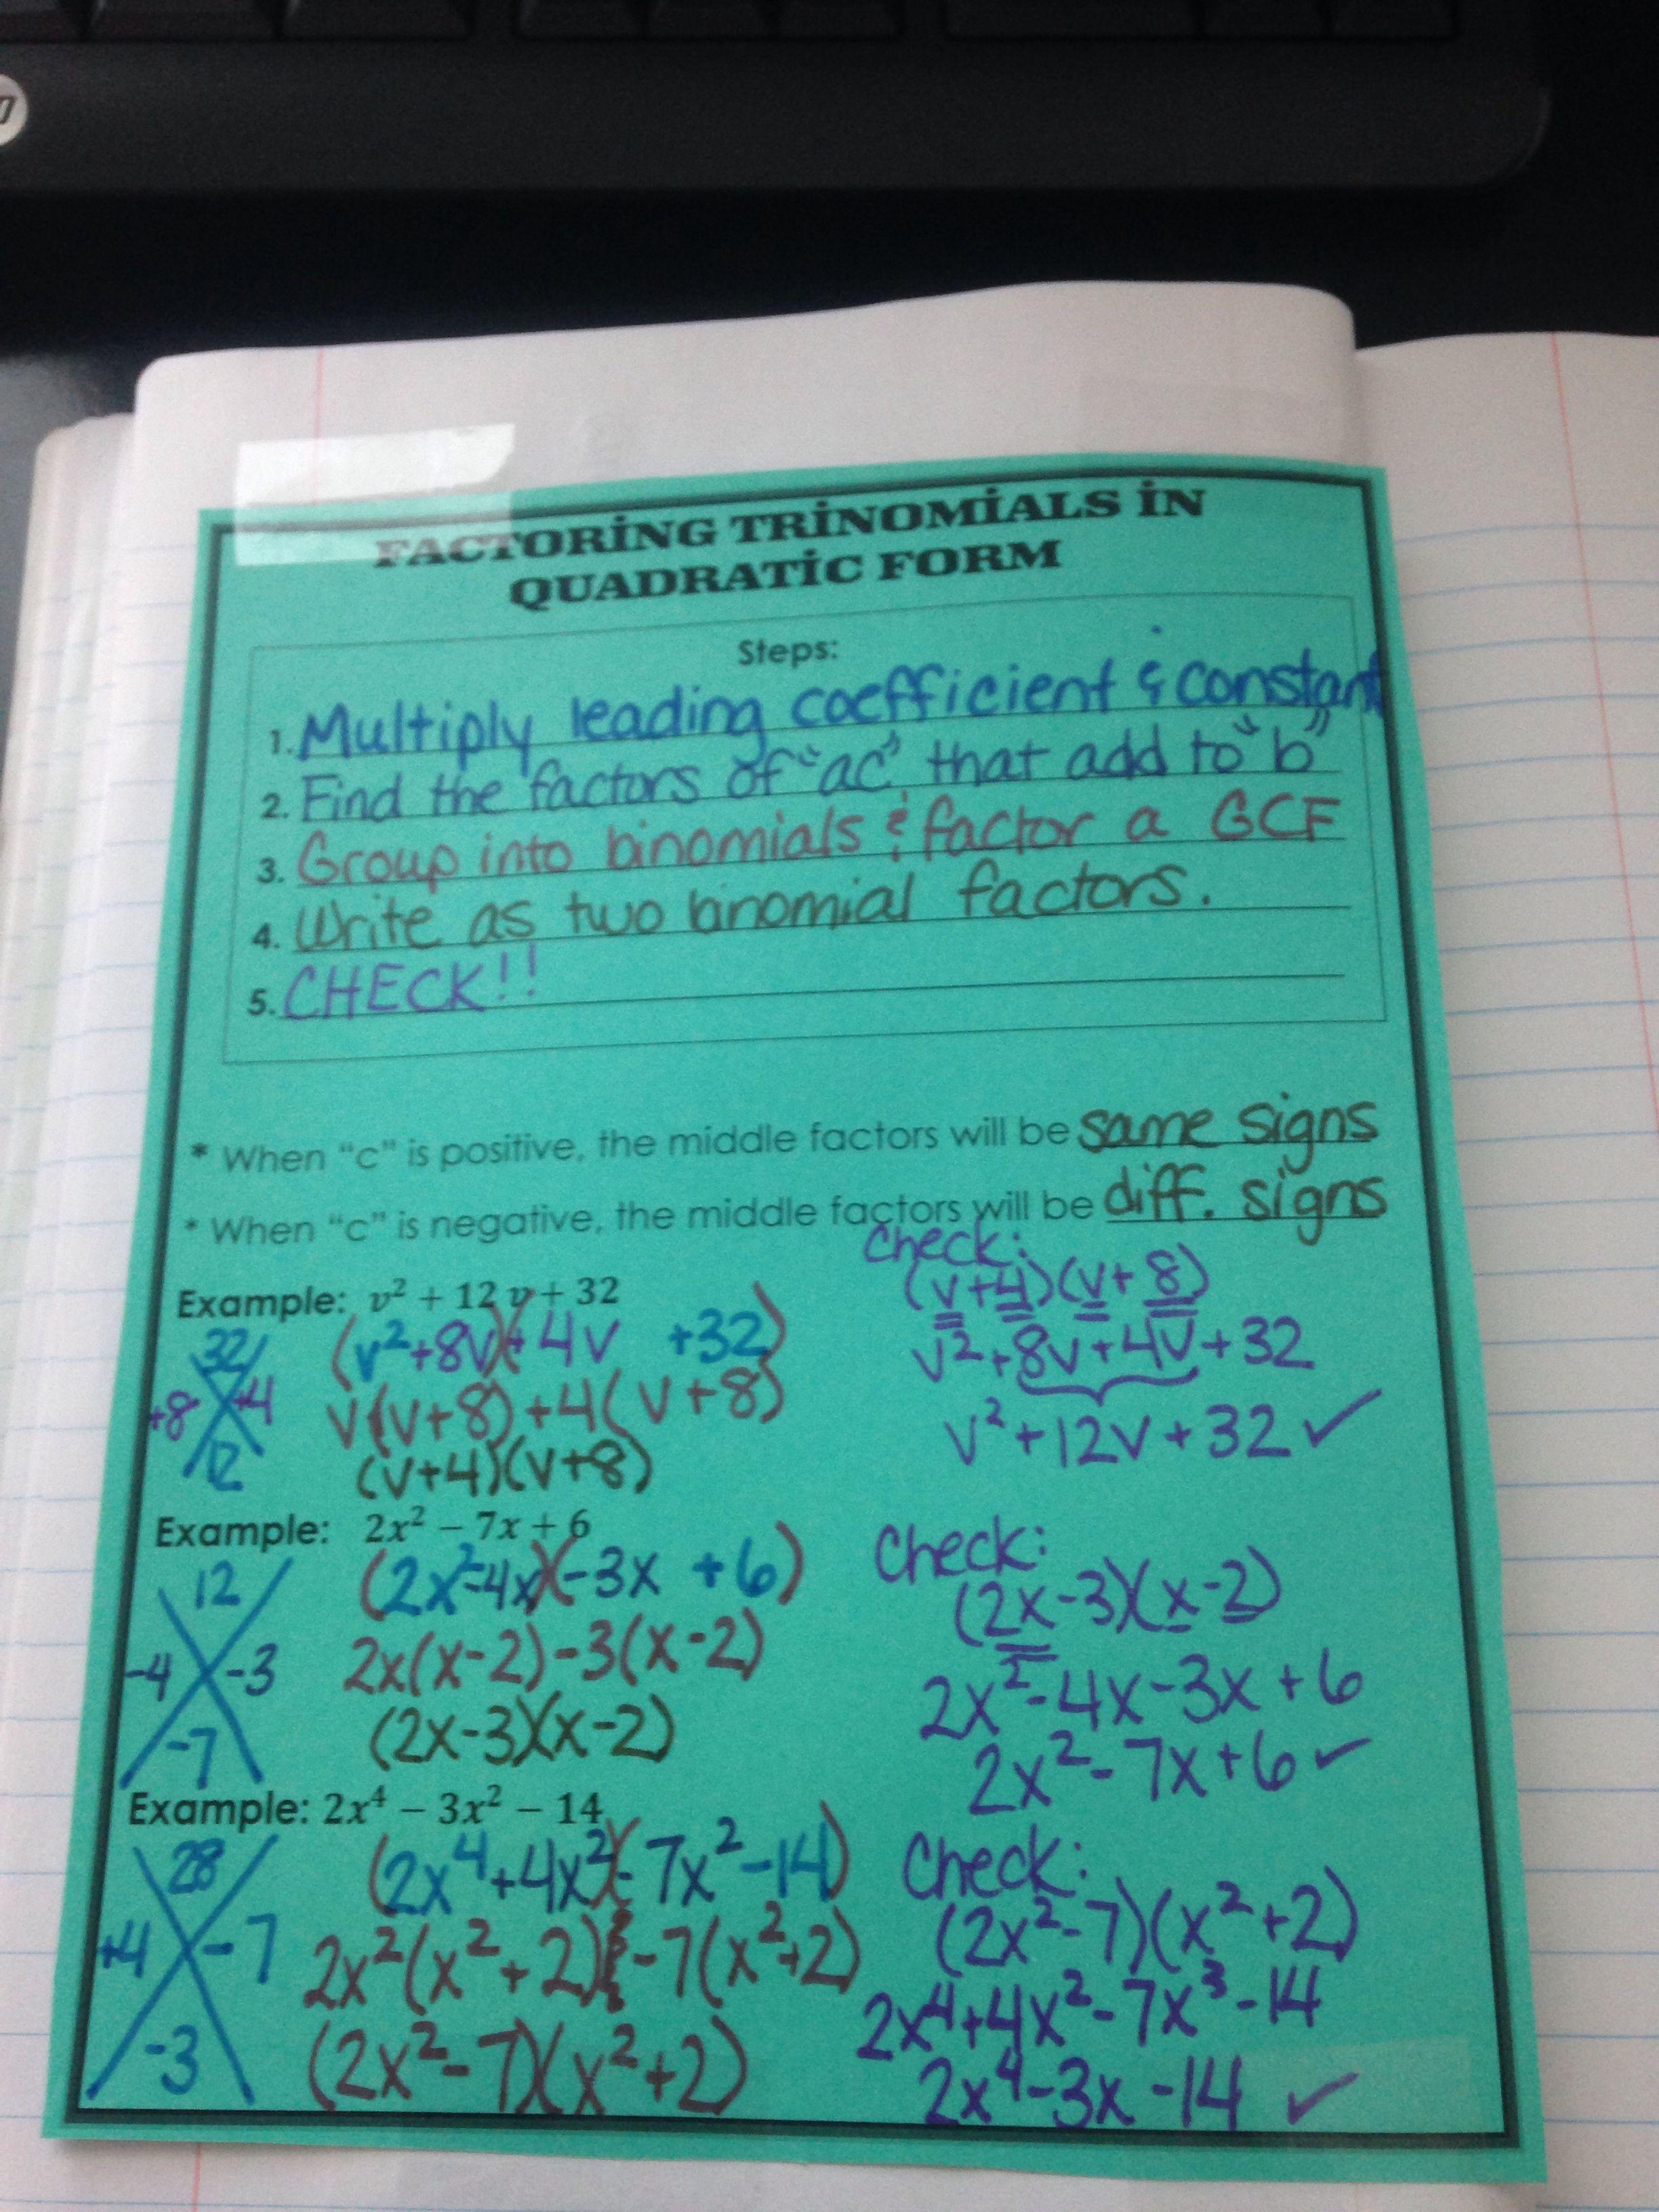 Factoring Trinomials In Quadratic Form